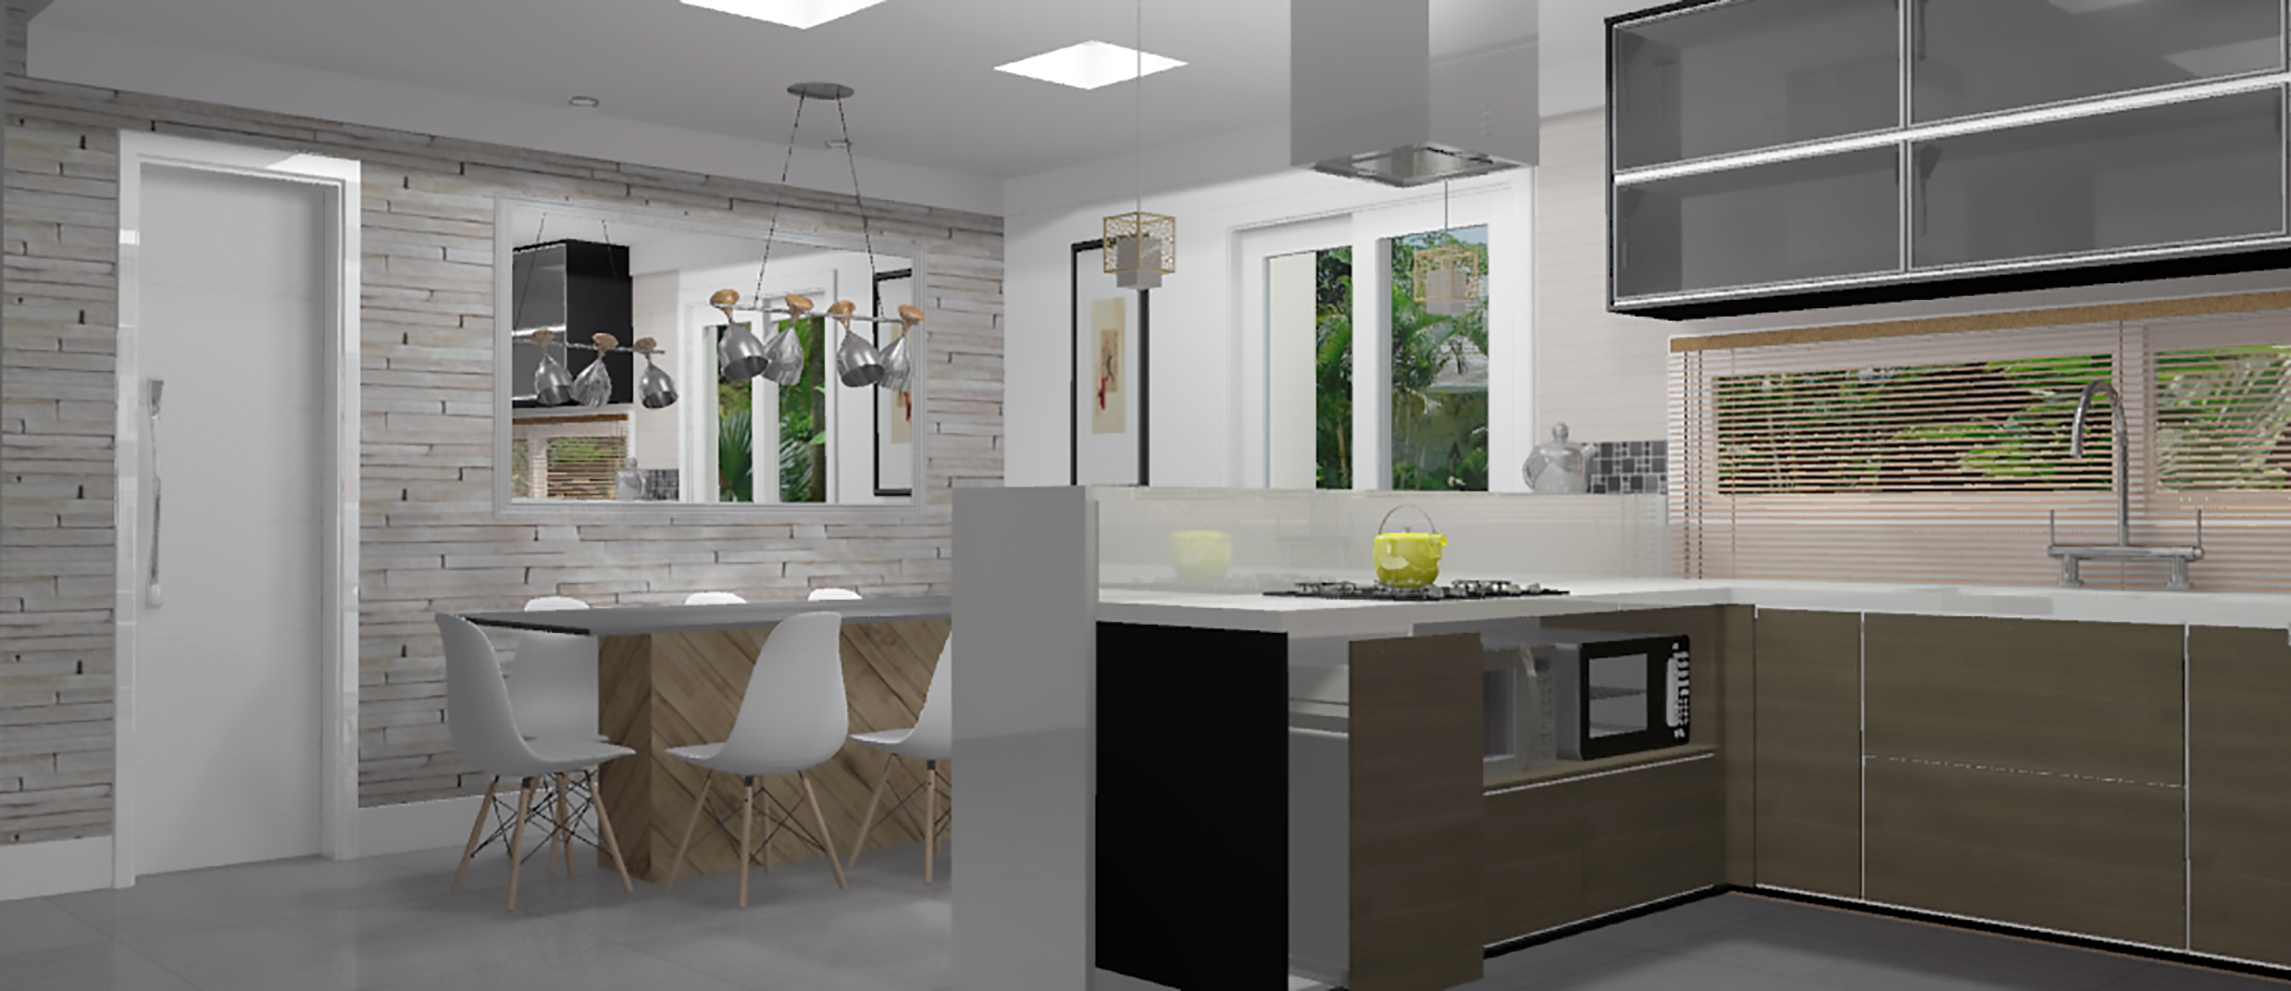 #4B603D  cozinha cozinha grande modelos de cozinhas pequenas cores de cozinha 2291x991 px Projetos De Cozinhas Externas Pequenas #565 imagens